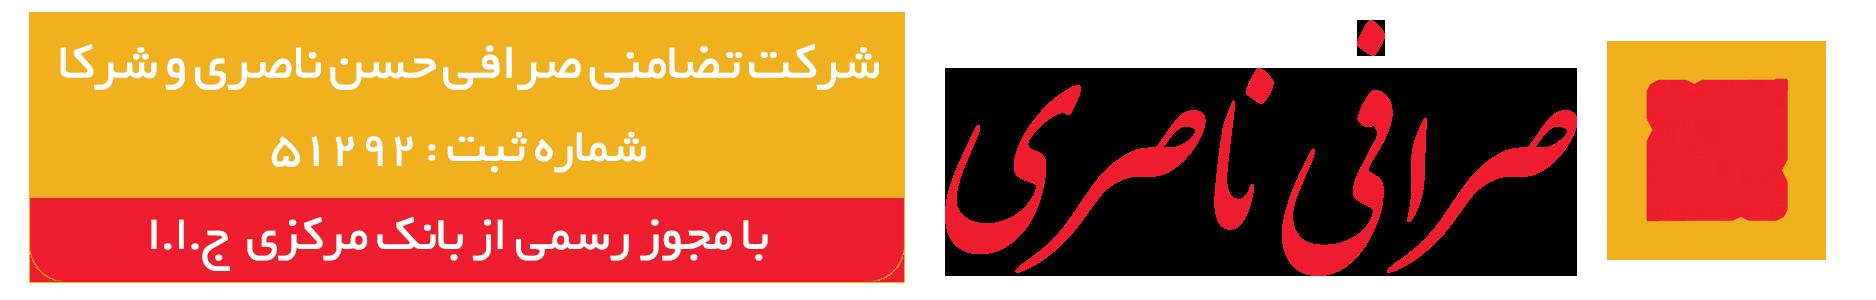 صرافی ناصری شیراز ، مالزی